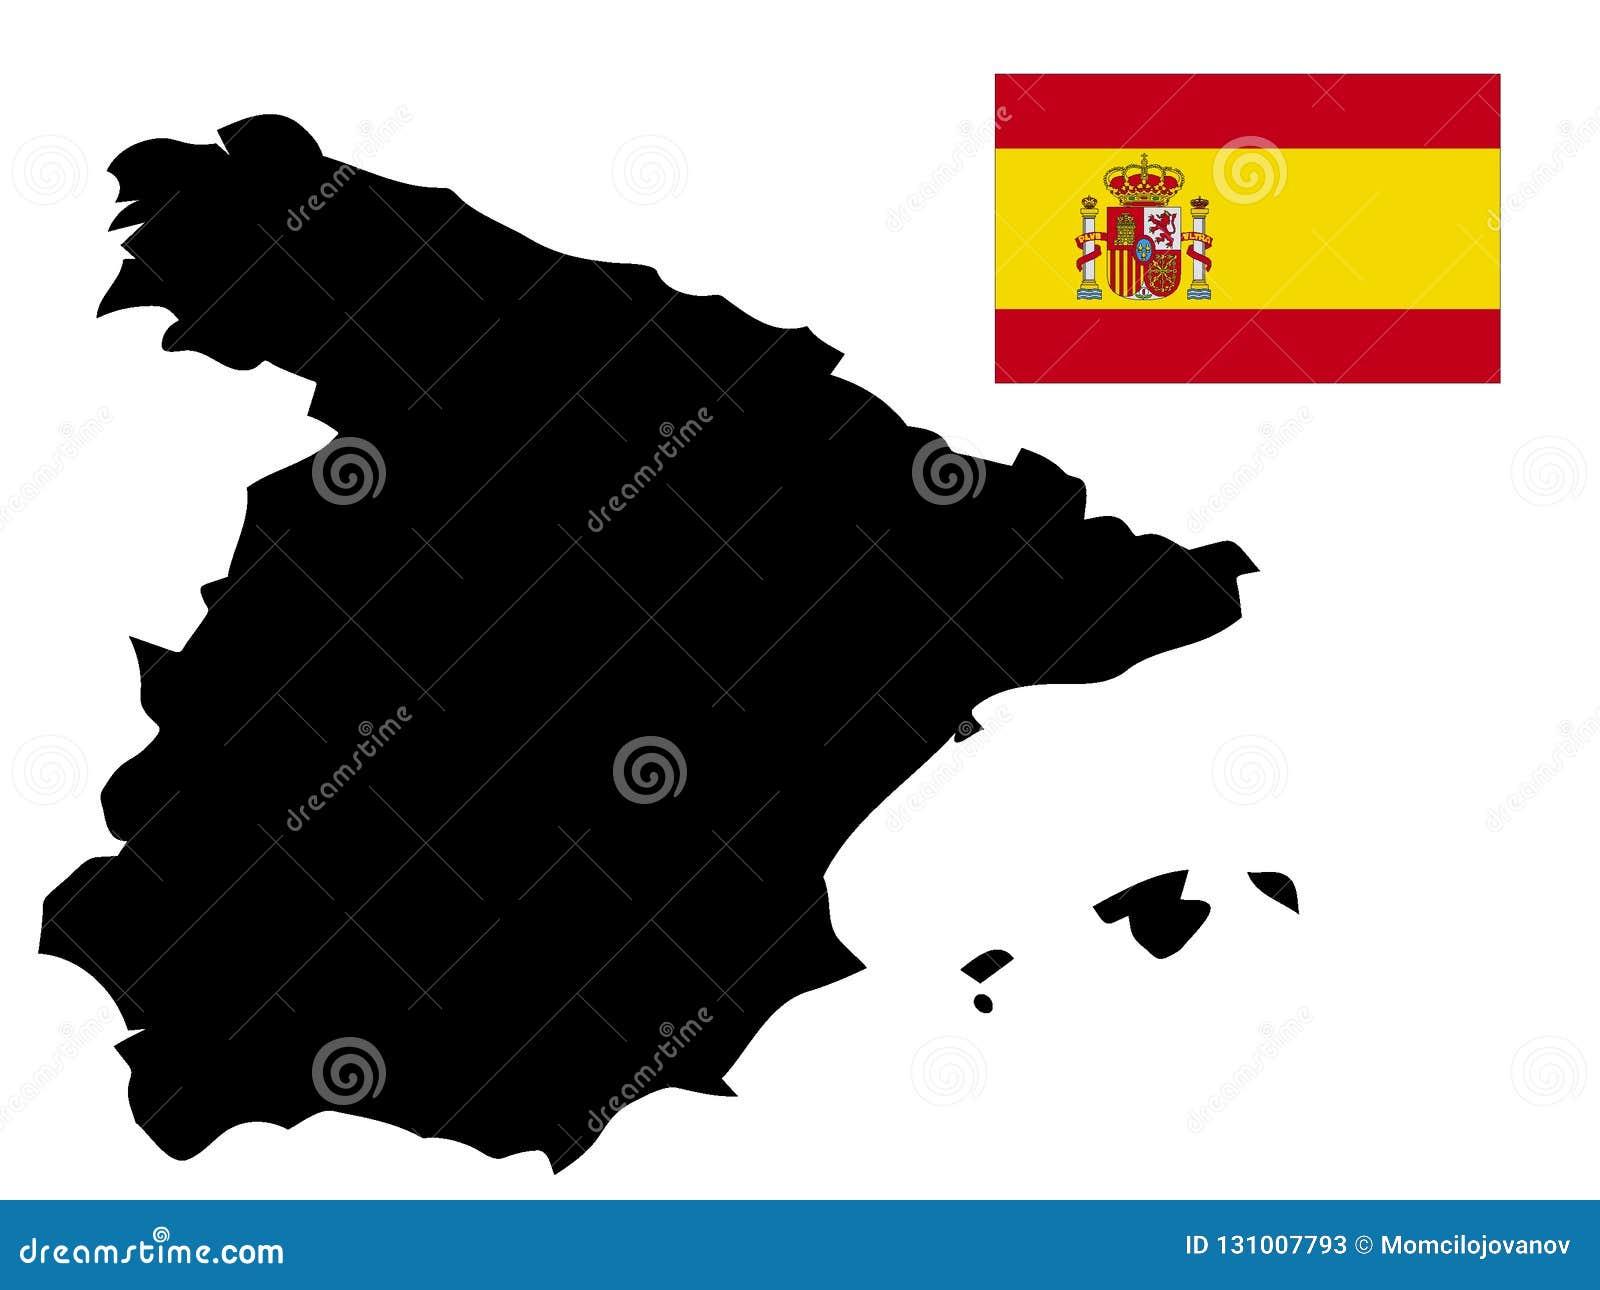 Carte Espagne Noir.Carte Et Drapeau Noirs De L Espagne Illustration De Vecteur